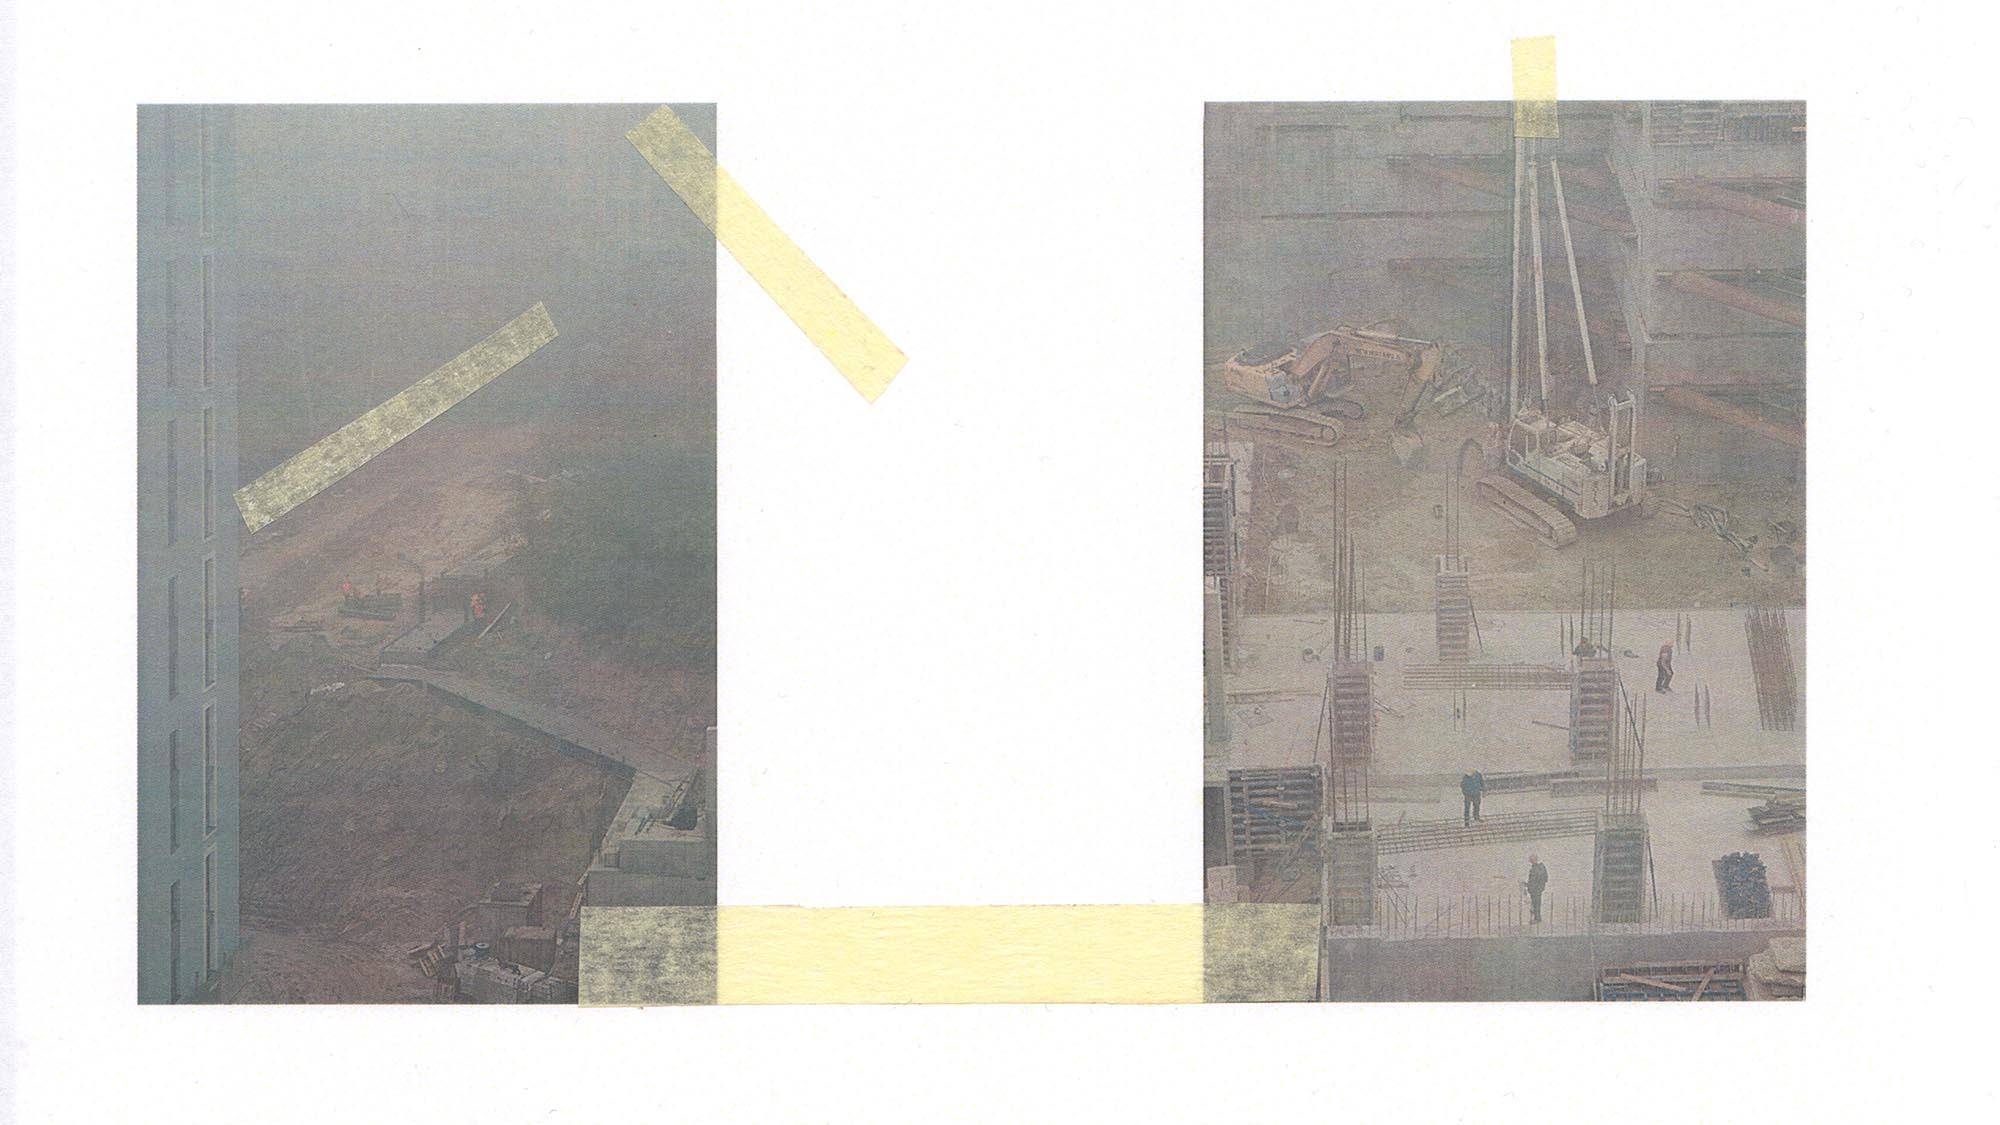 z sayenko 12 censorship 051220 - <b>Спи міцно, моє будівництво.</b> Проєкт Олесі Саєнко — у «Рівні цензури» - Заборона